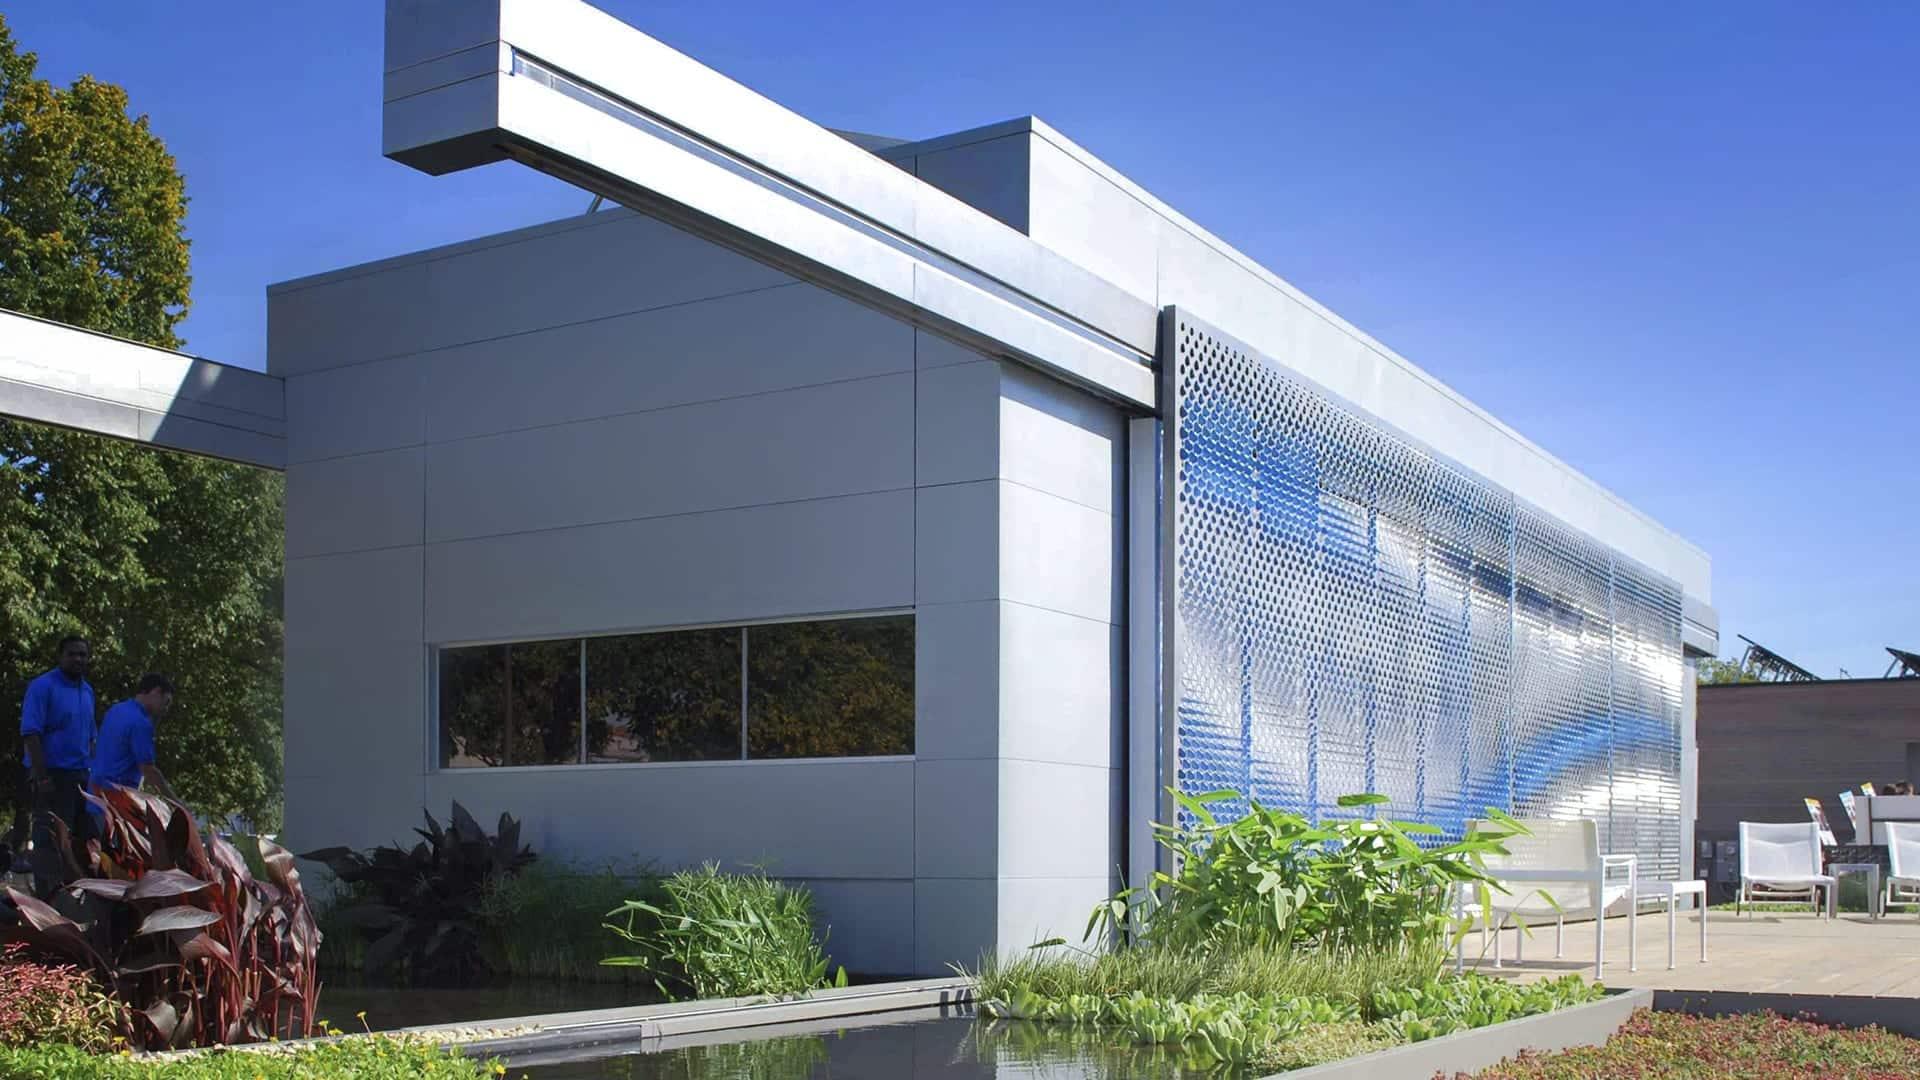 Photograph of the Lumenhaus facade for Virginia Tech.